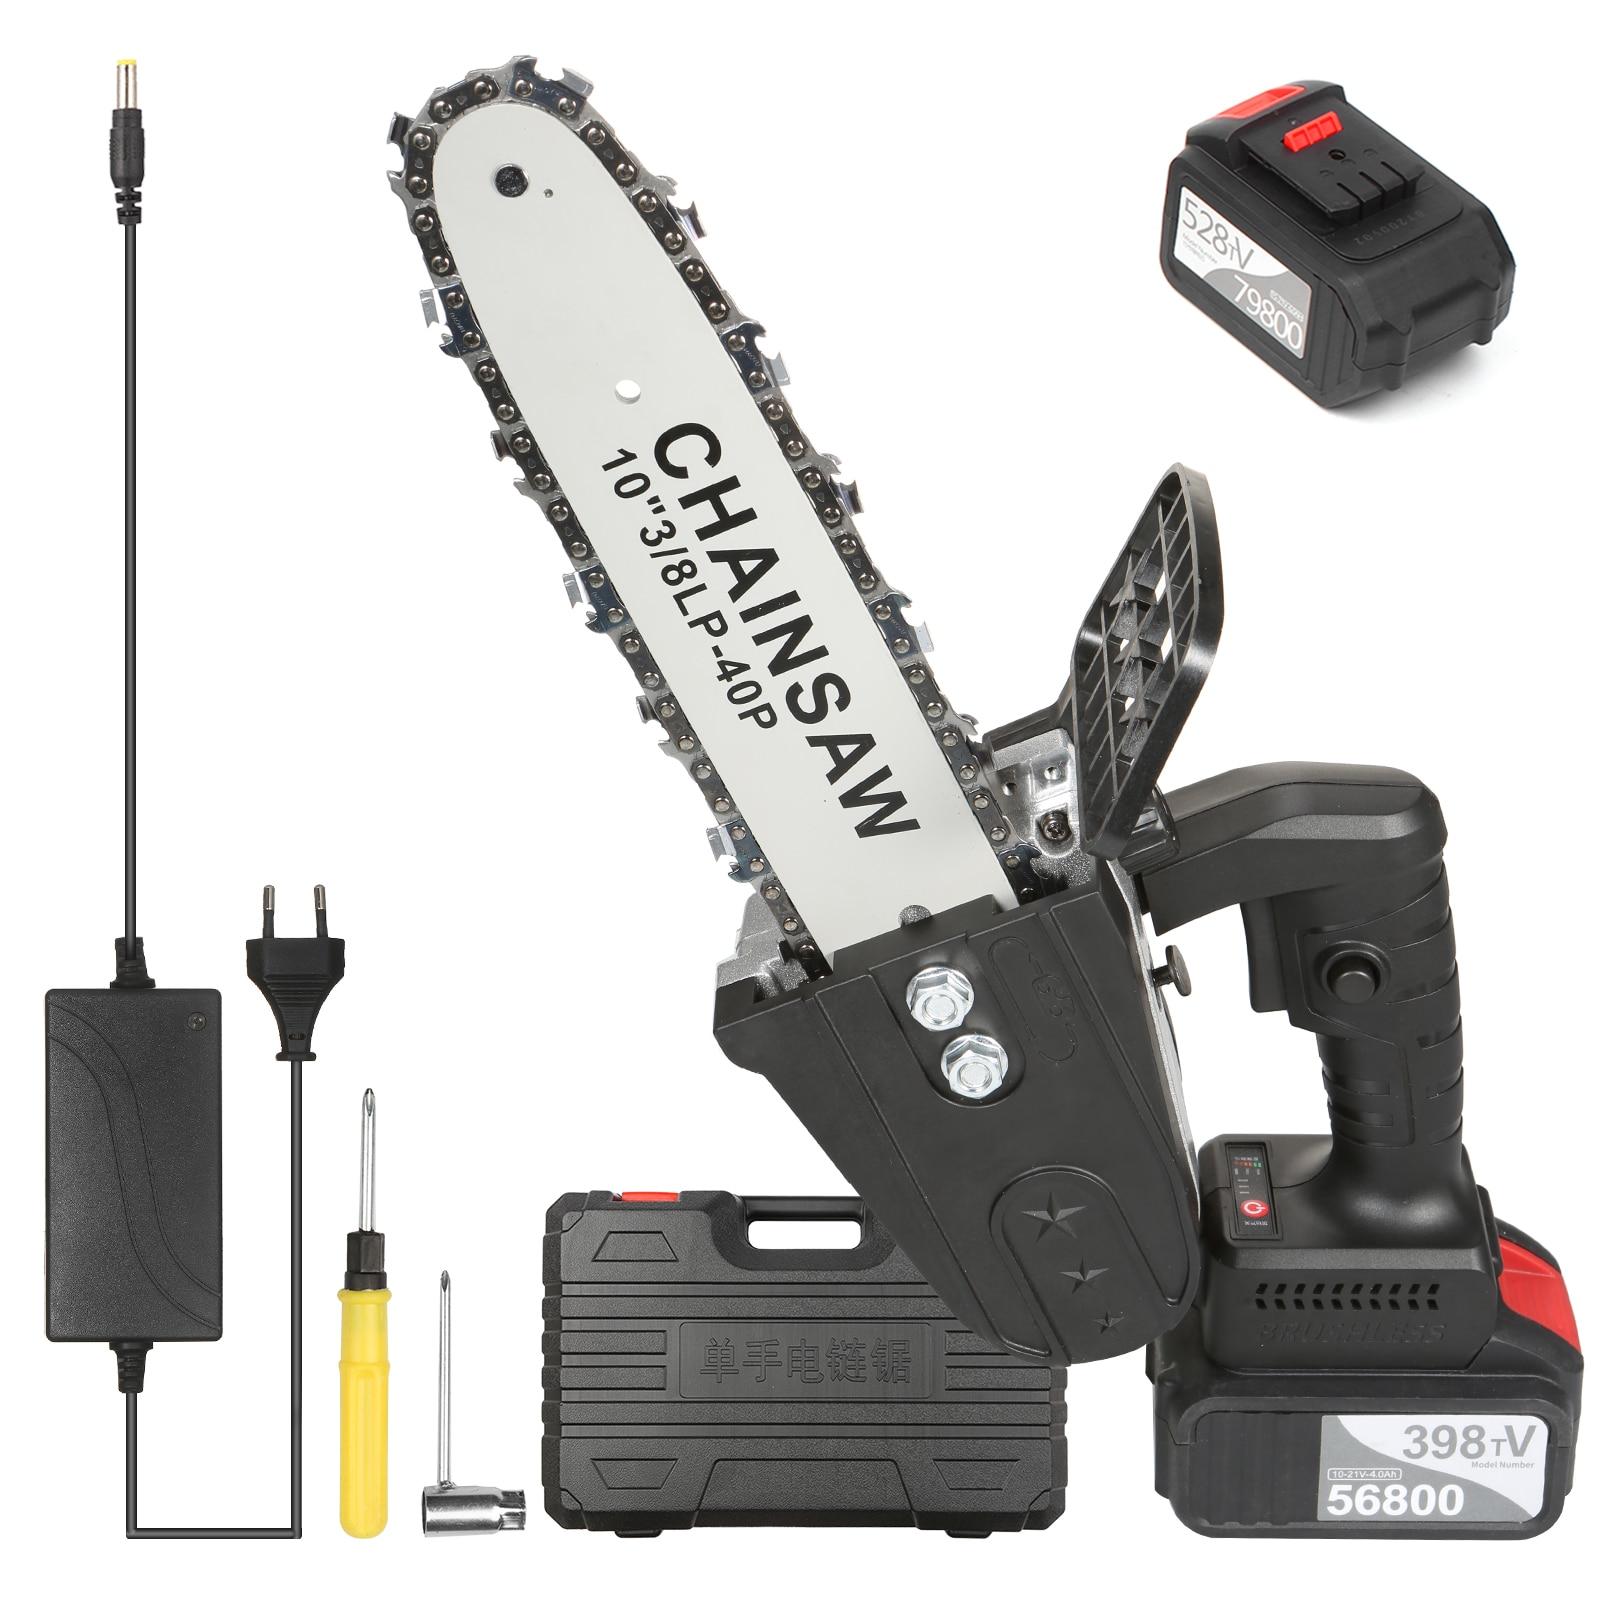 منشار كهربائي بسلسلة 21 فولت ، منشار تقليم لاسلكي ، أدوات كهربائية لقطع الأخشاب